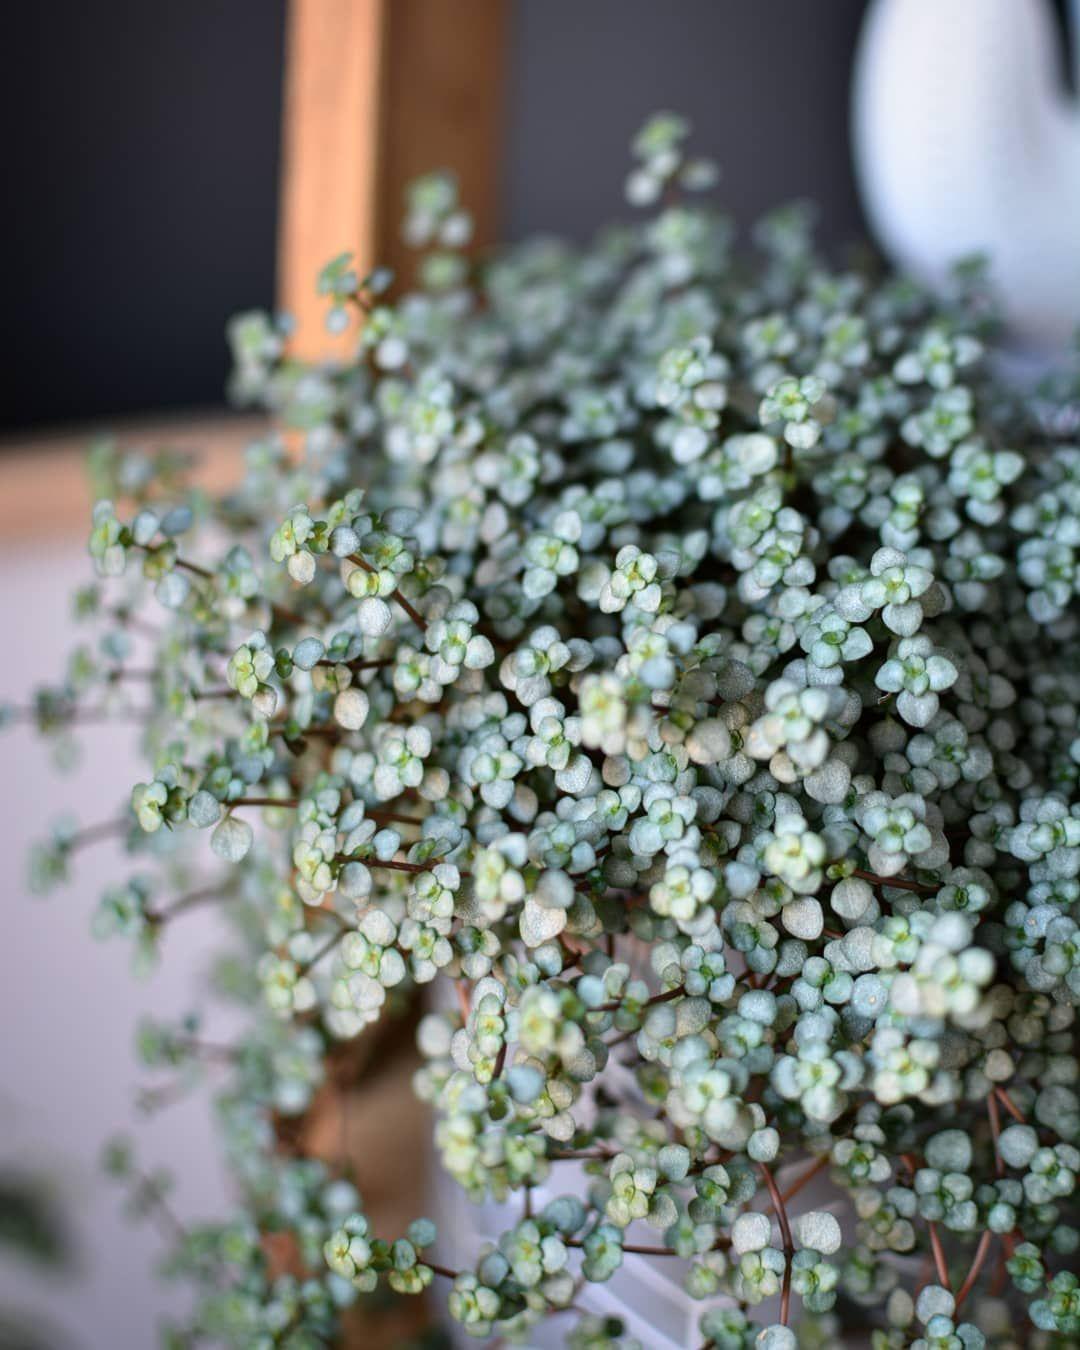 Grünpflanzen Green Plants Zimmerpflanzen: Zimmerpflanzen, Garten Pflanzen